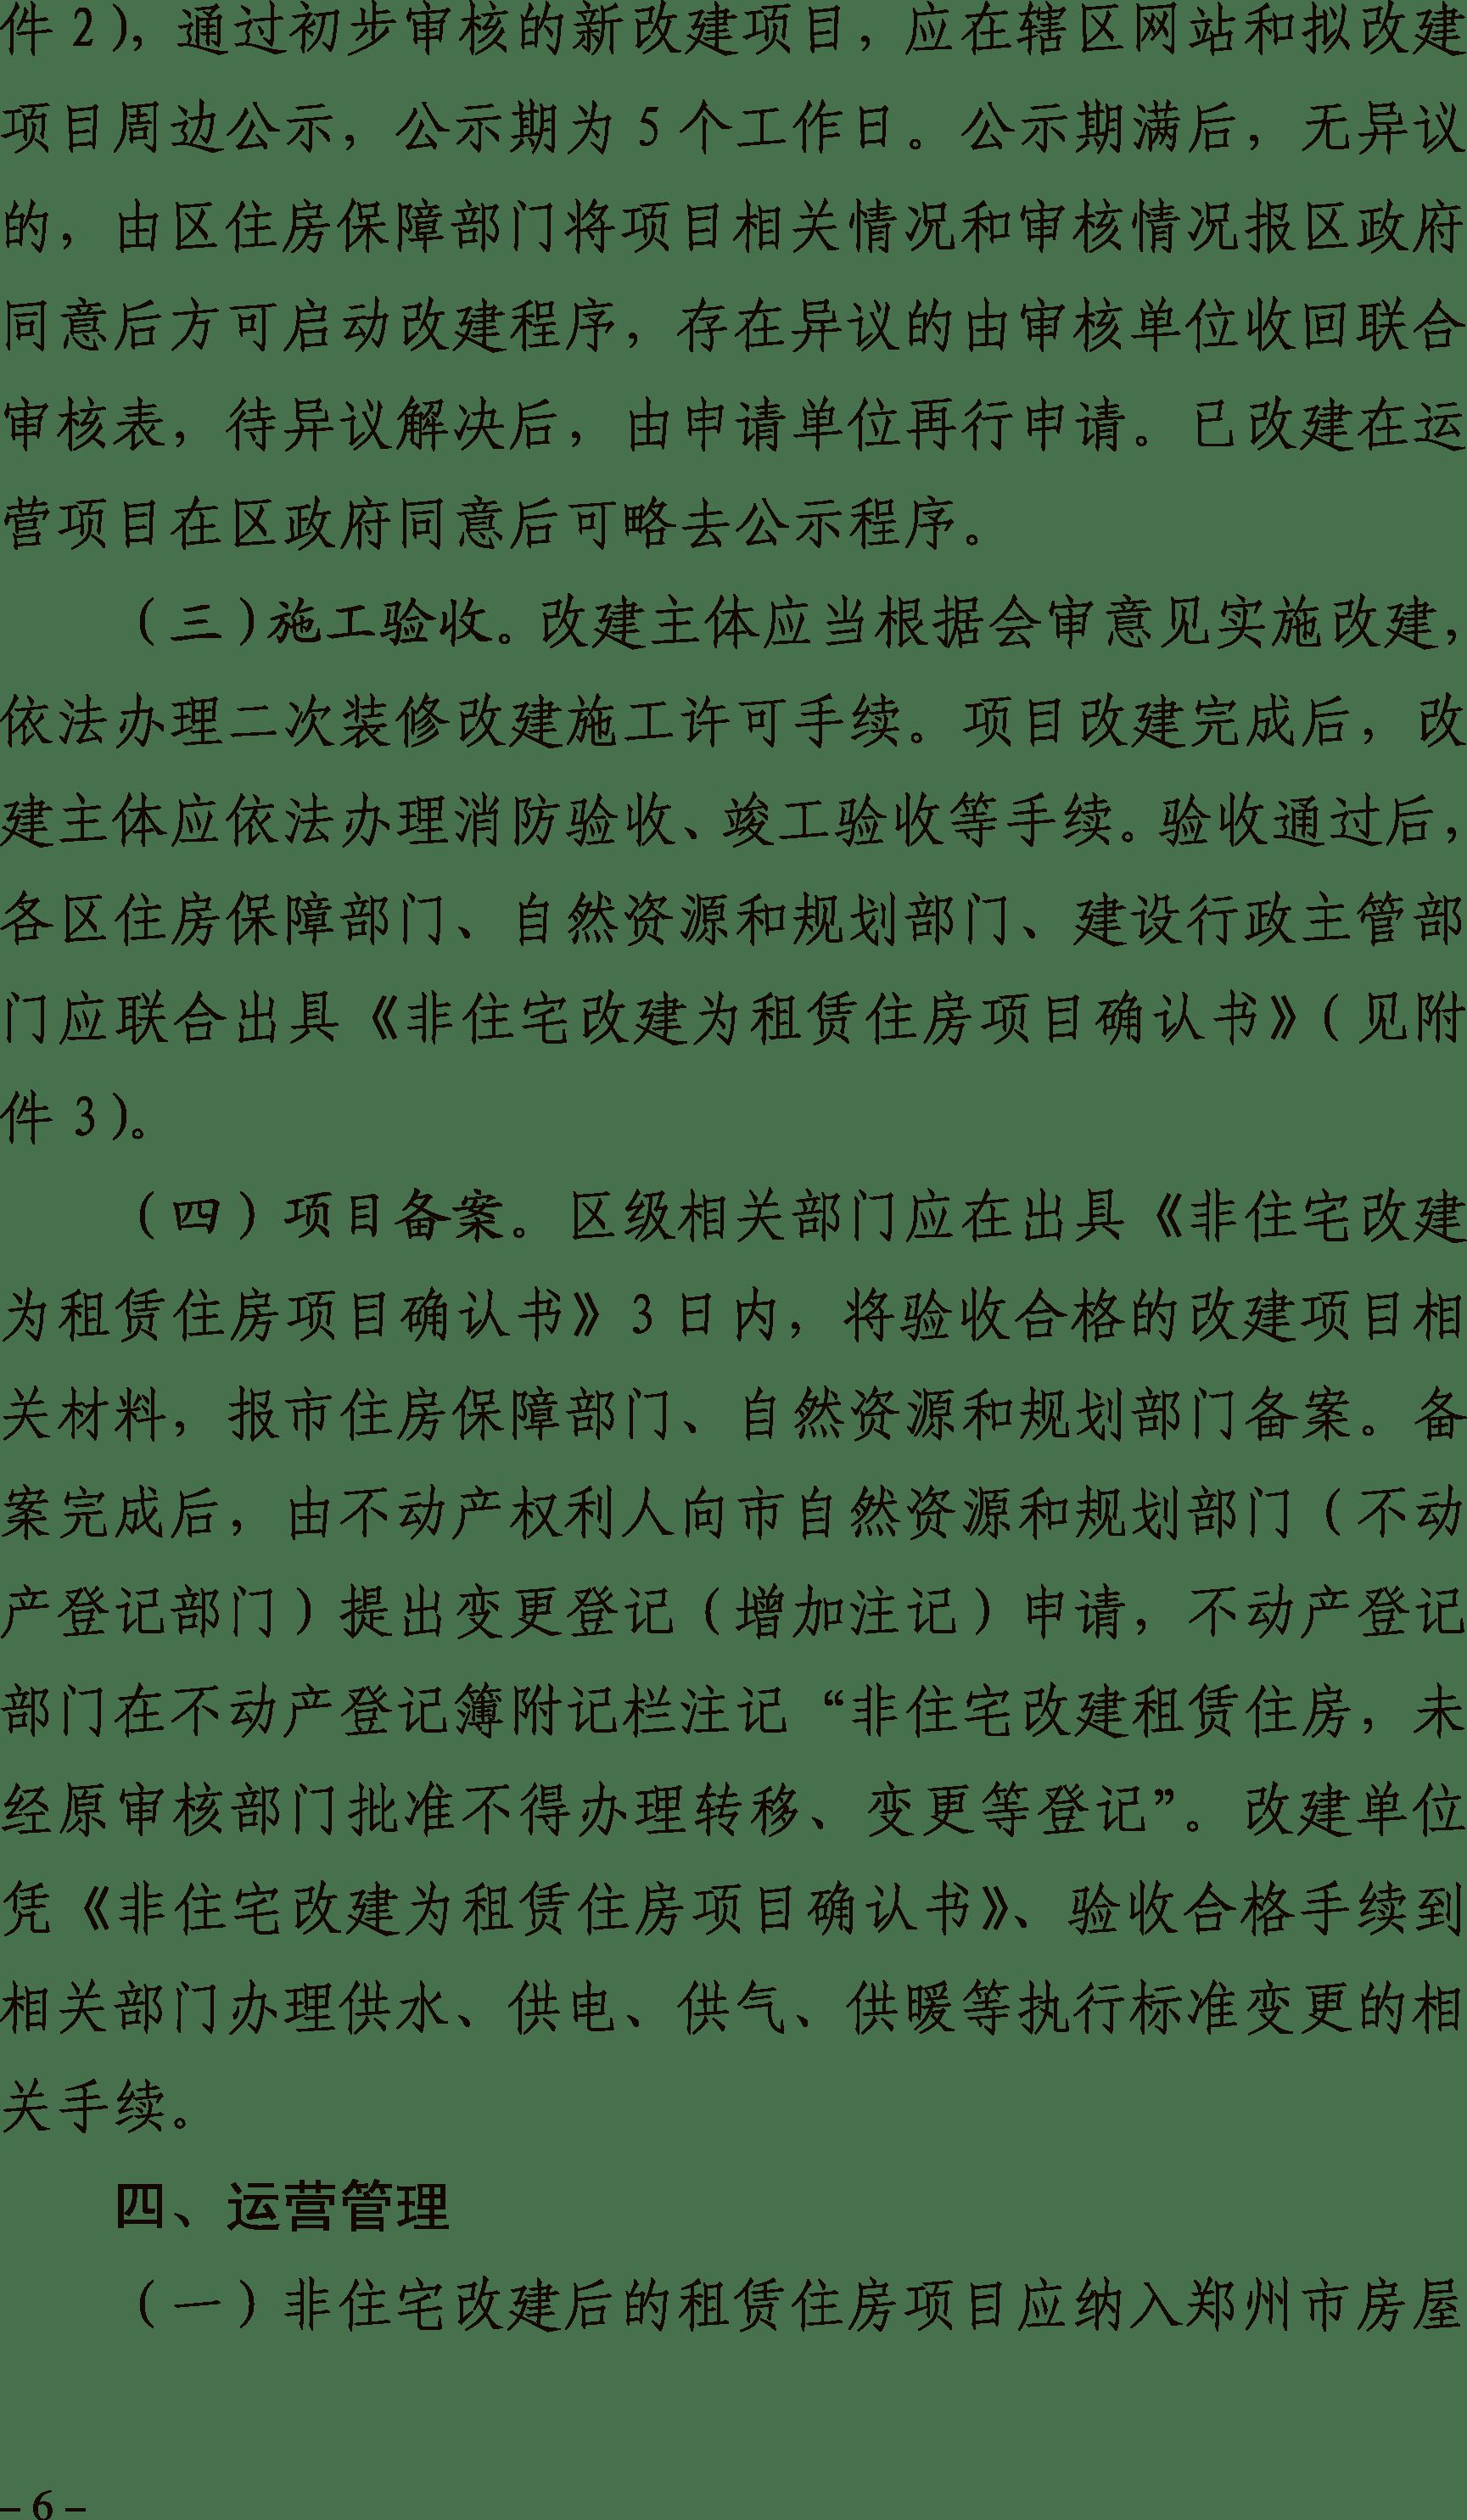 郑州发文:允许闲置商业办公用房、工业厂房等非住宅改建租赁住房